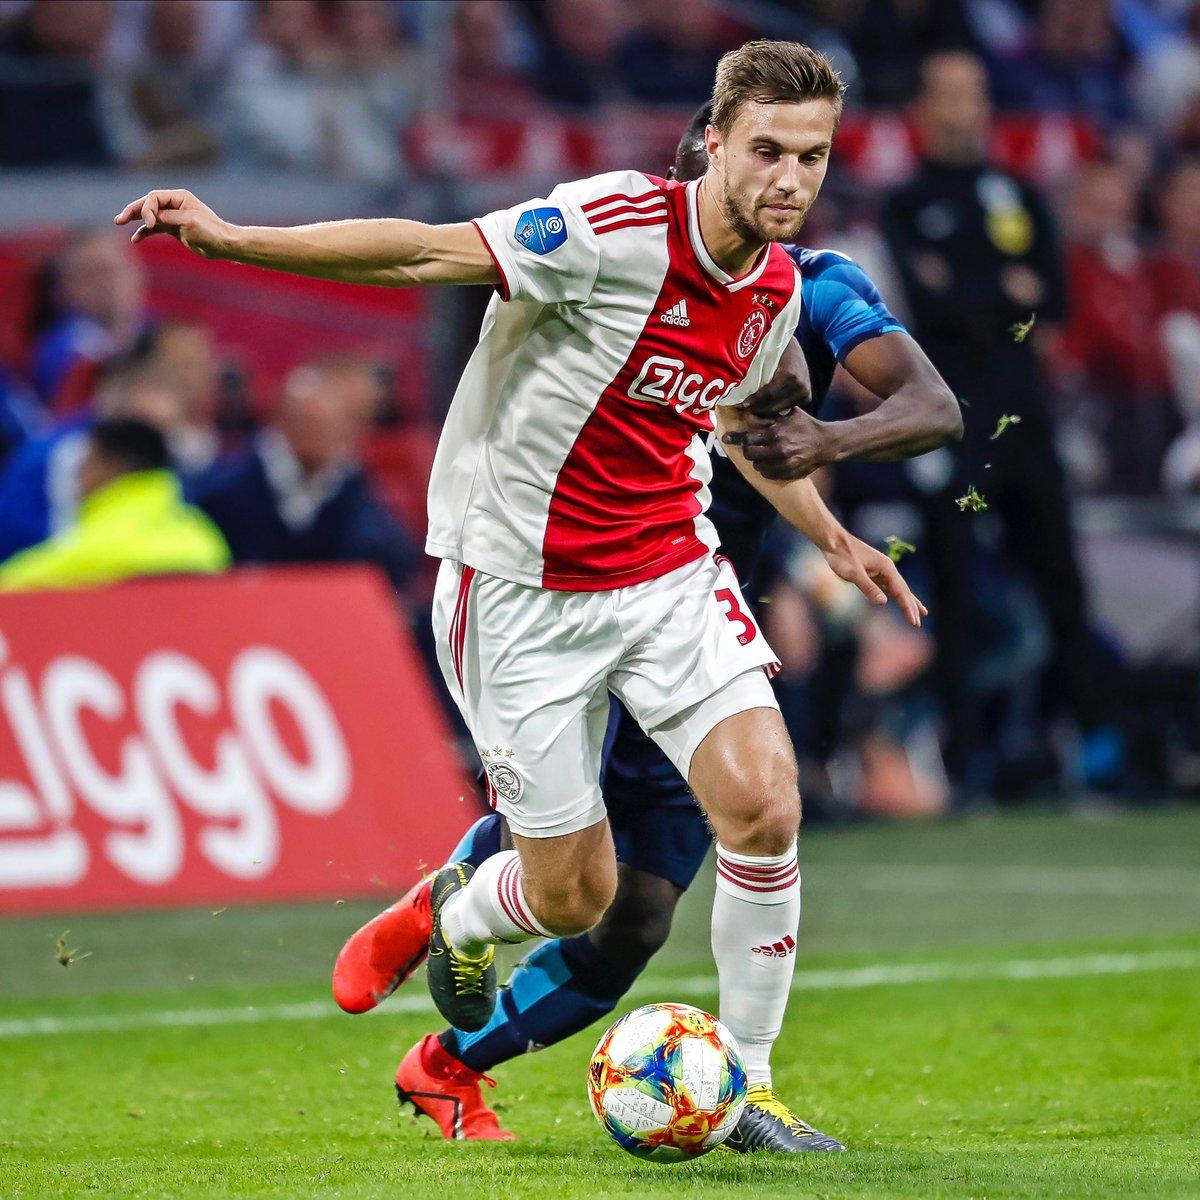 2 finals in the @eredivisie left! 🙏 #Ajax #WijZijnAjax https://t.co/dqSP17k33U